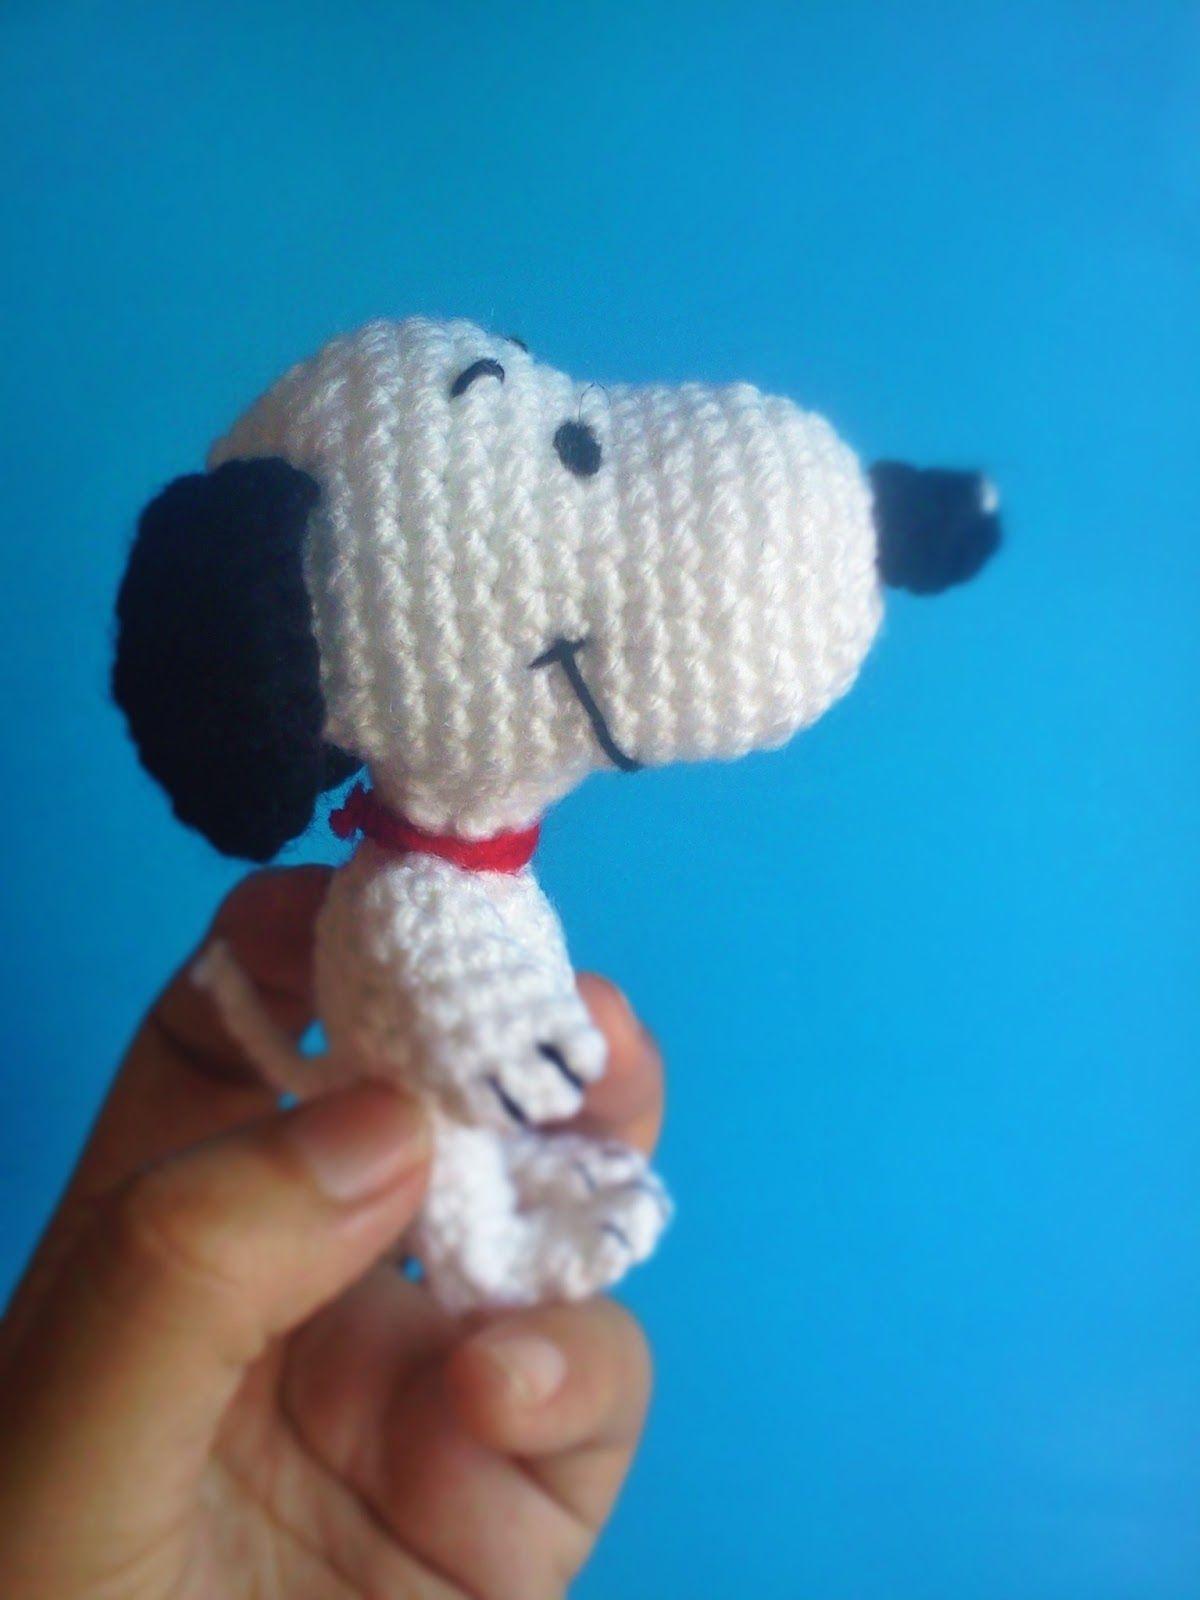 snoopy amigurumi gratis | 퍼나름 | Pinterest | Snoopy, Patrones ...